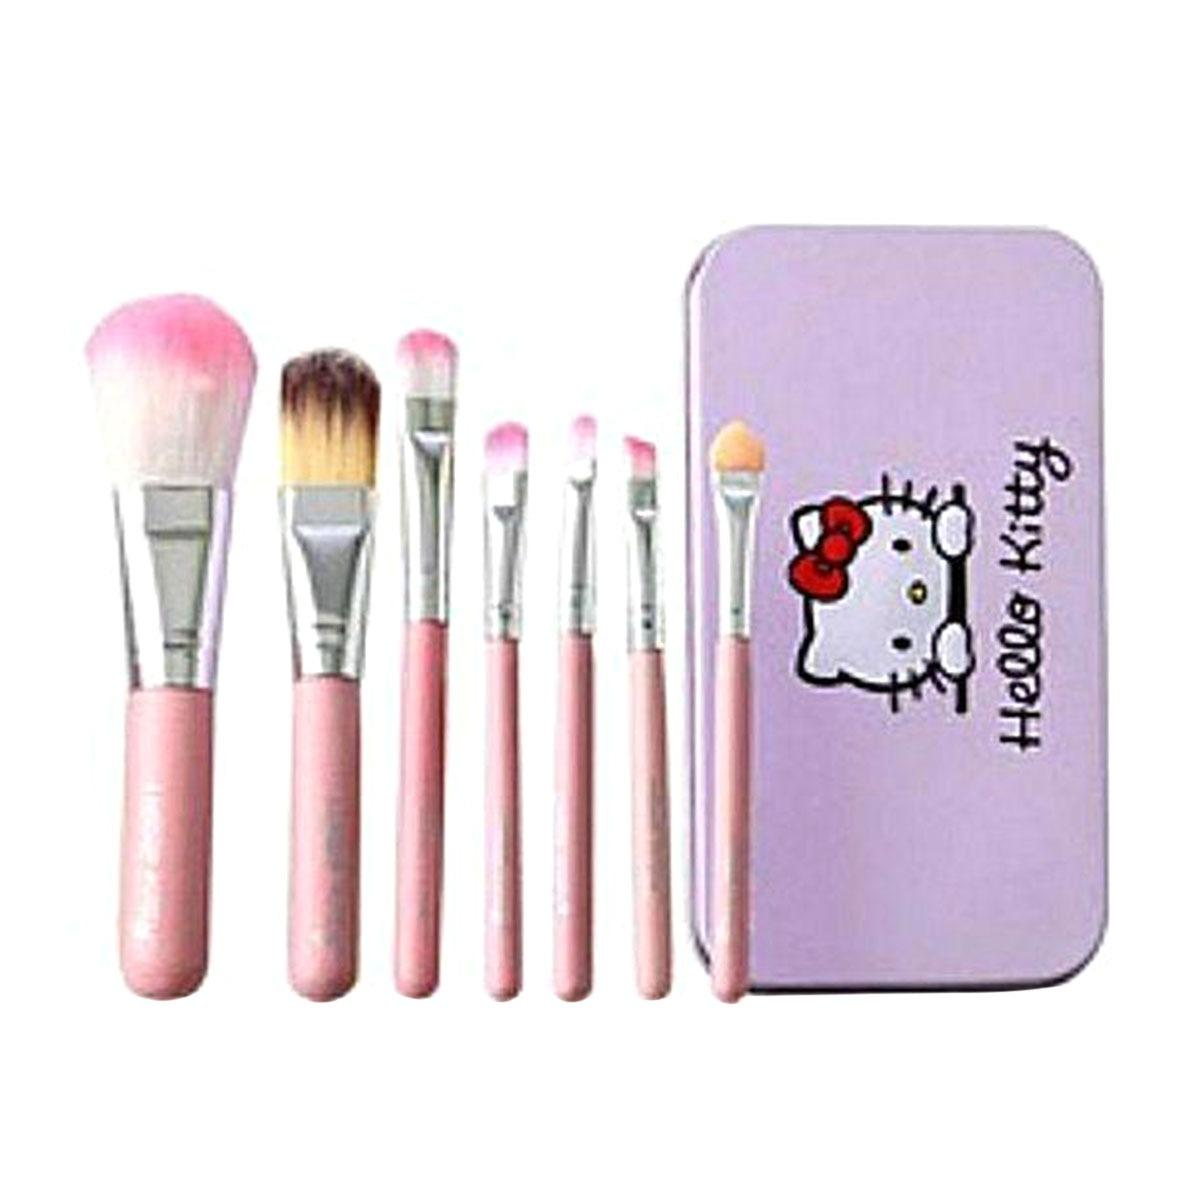 6fa7d79ad12 Makeup Brush Set In Bangladesh At Best Price - Daraz.com.bd